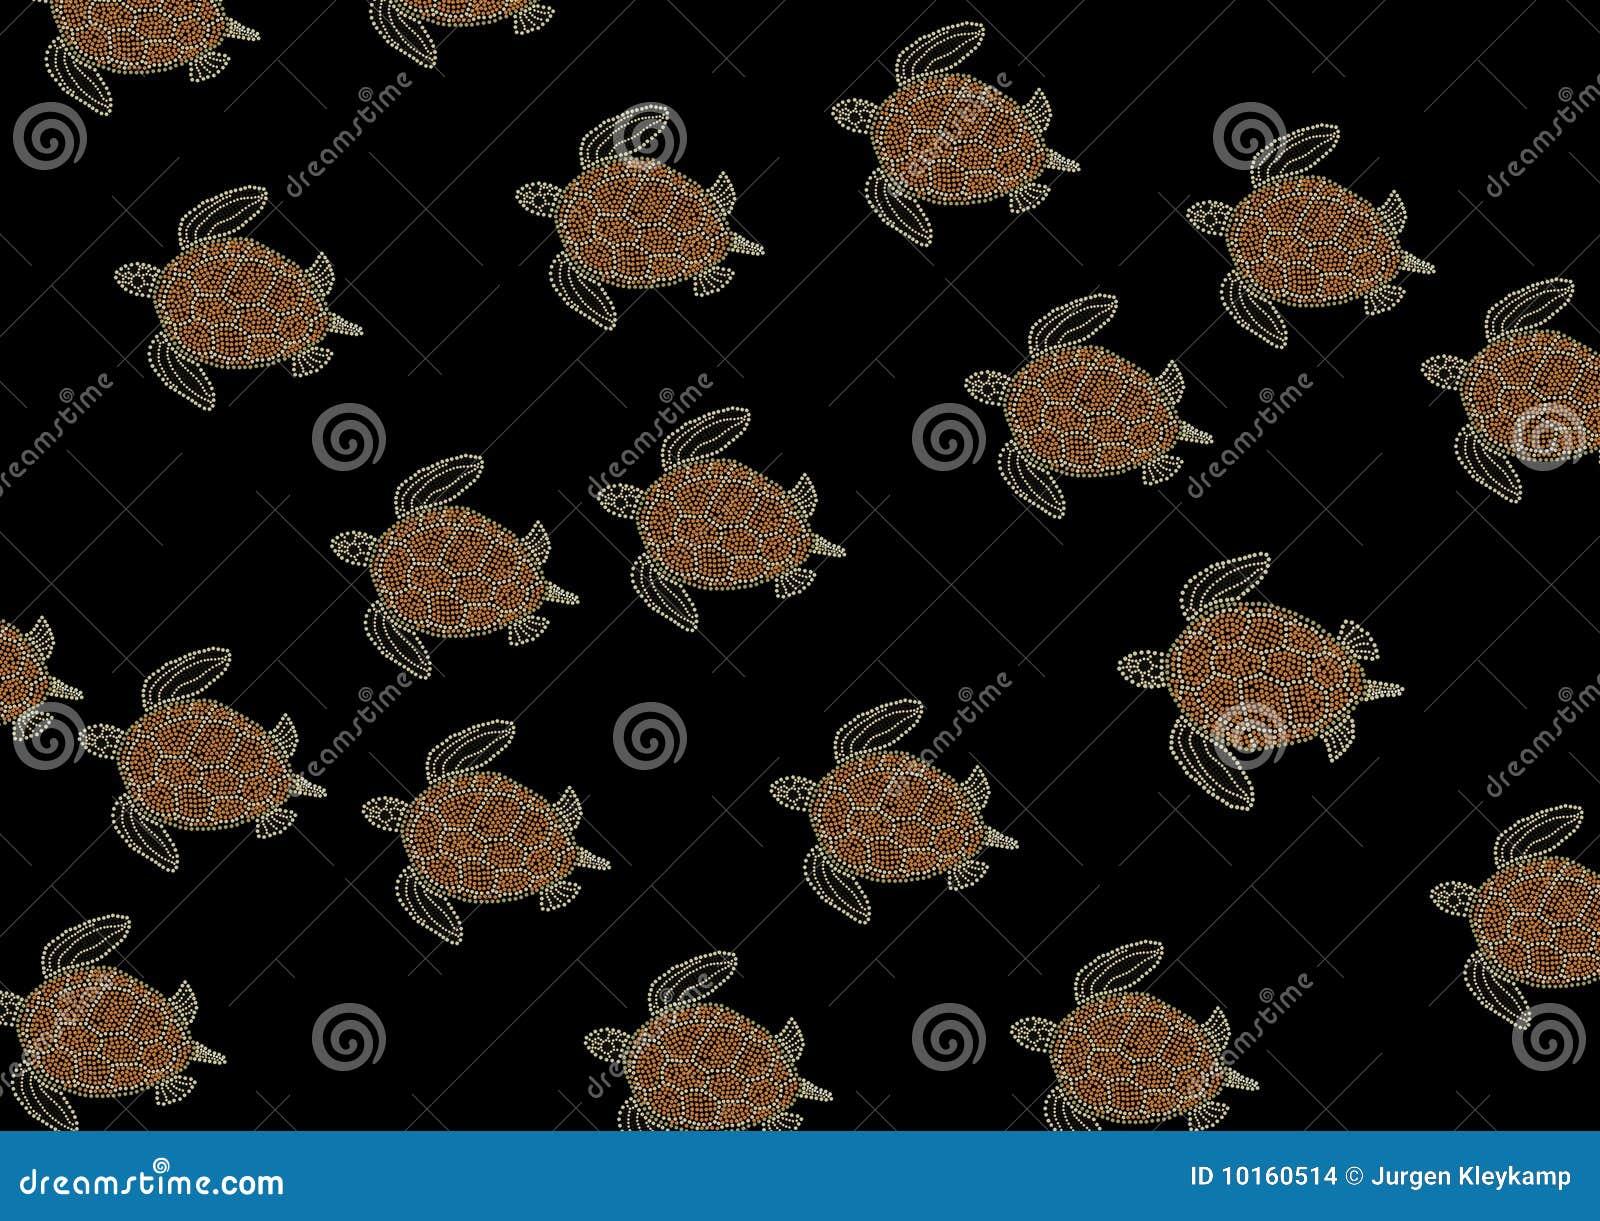 Sea turtles background